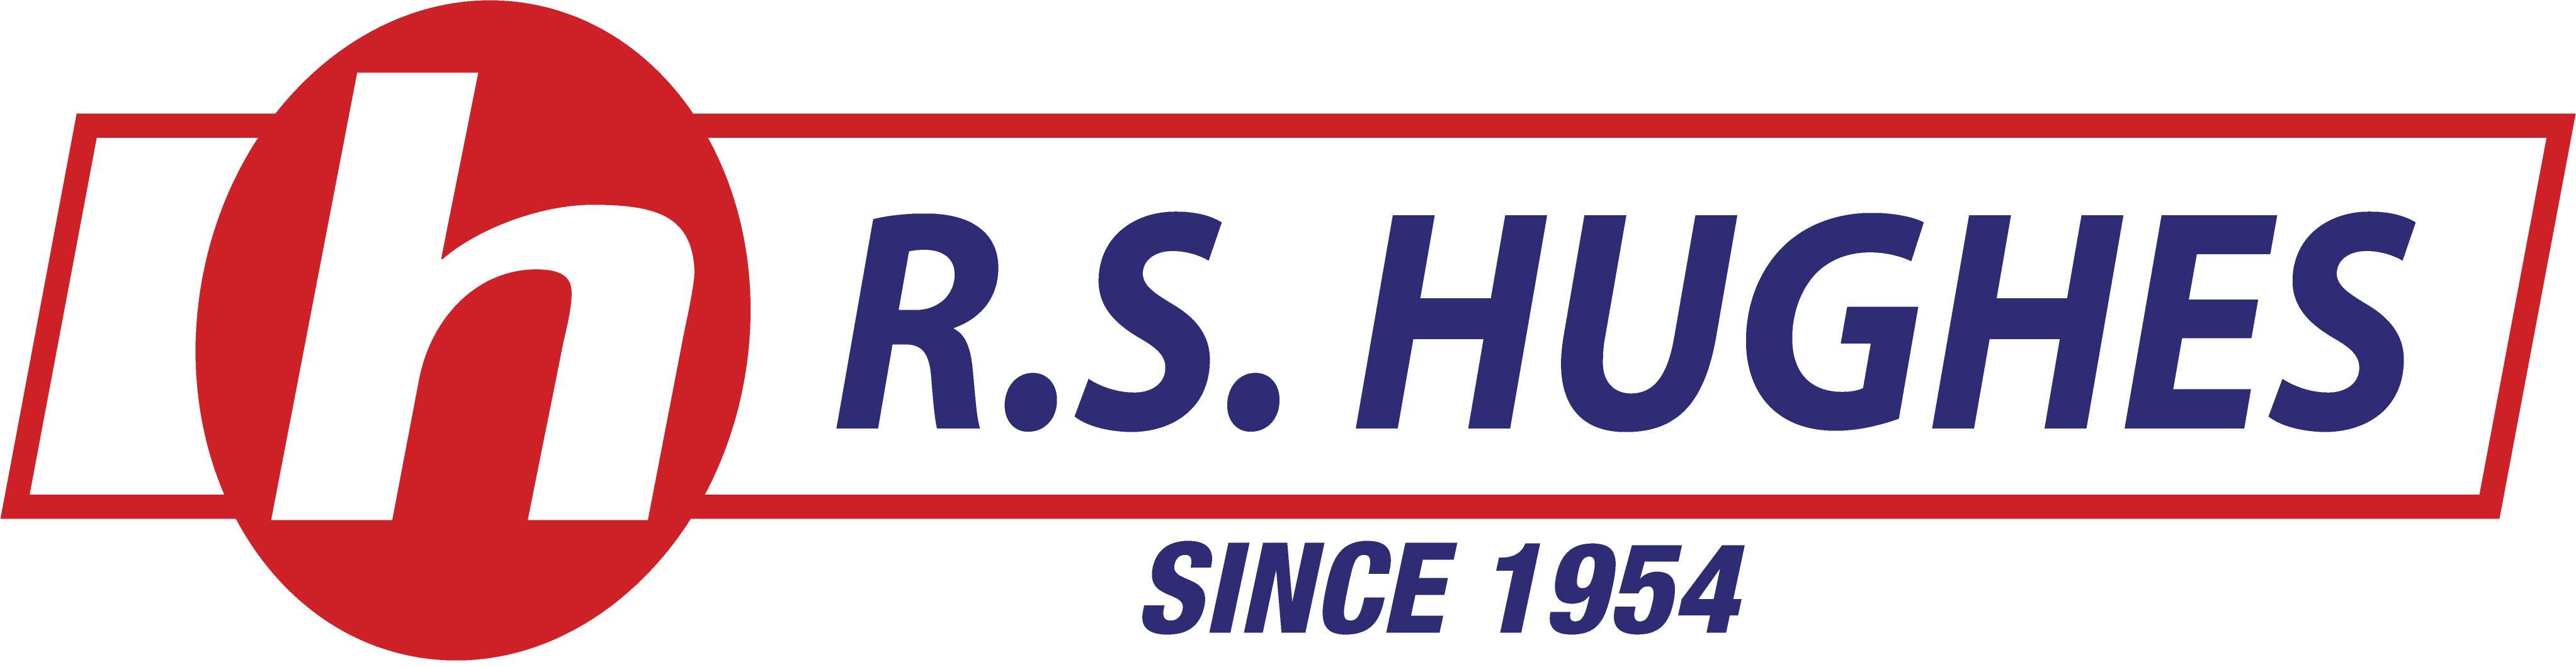 R.S. Hughes Co.